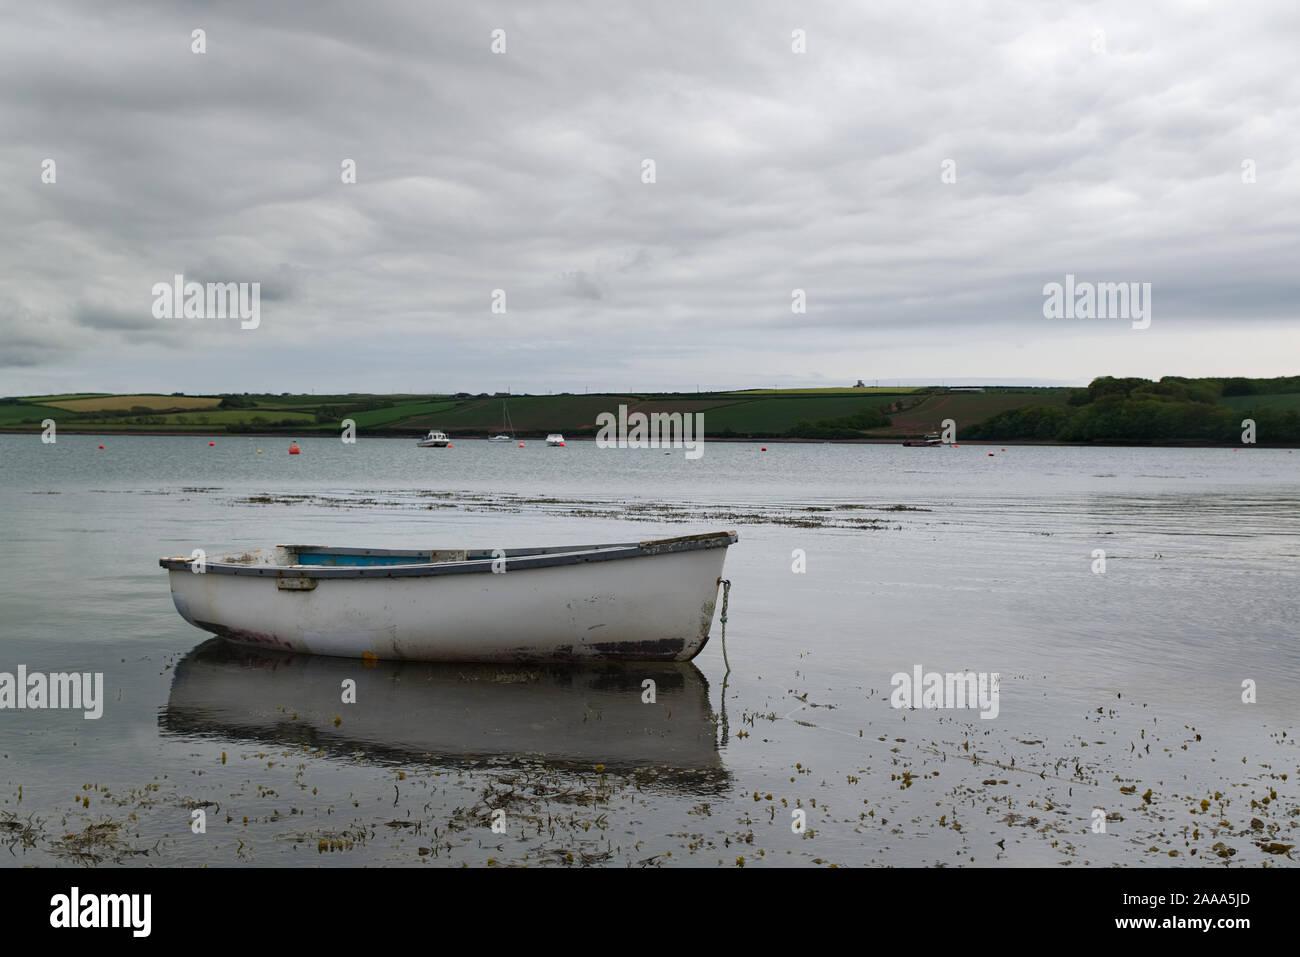 Bianco barca a remi ormeggiate con riflessi in acqua con barche e terreni al di fuori della messa a fuoco in background. Il concetto di pesca Foto Stock